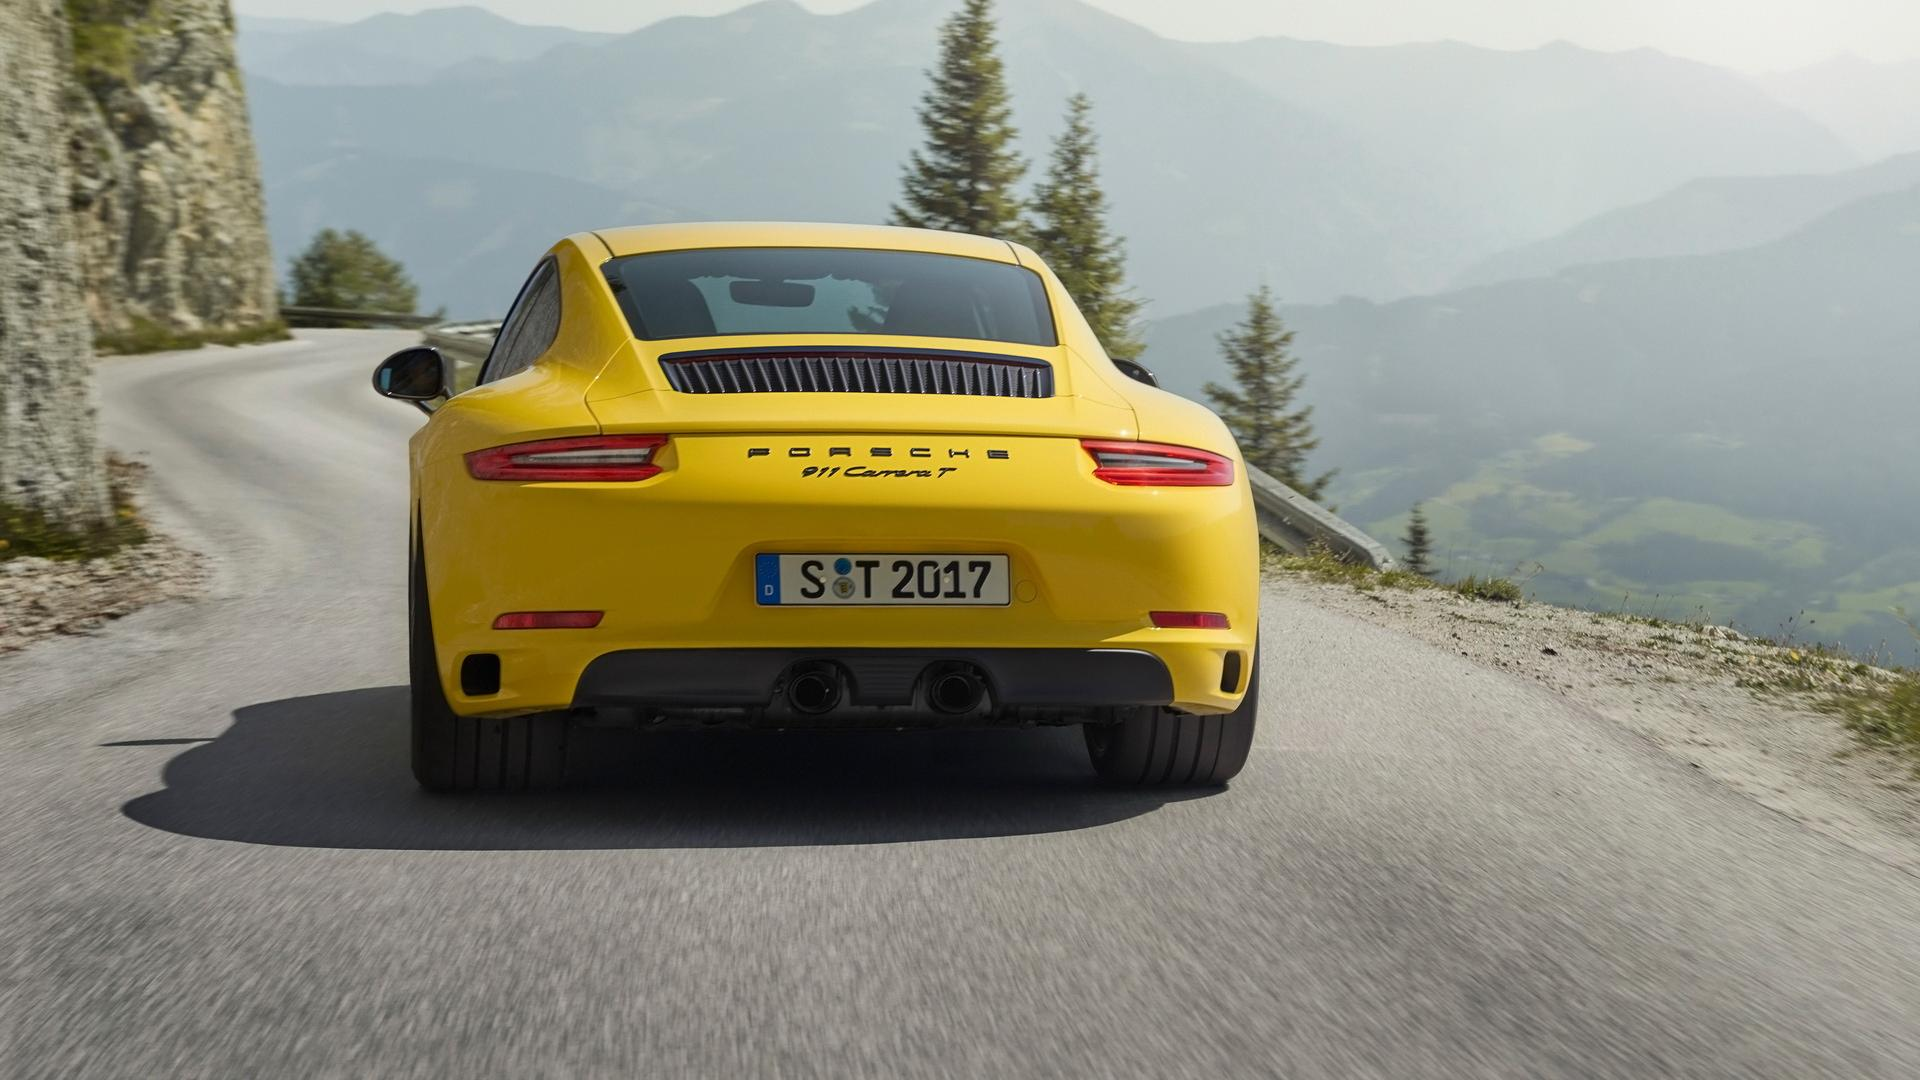 保时捷911黄色跑车高清汽车图片桌面壁纸_图片_猫扑